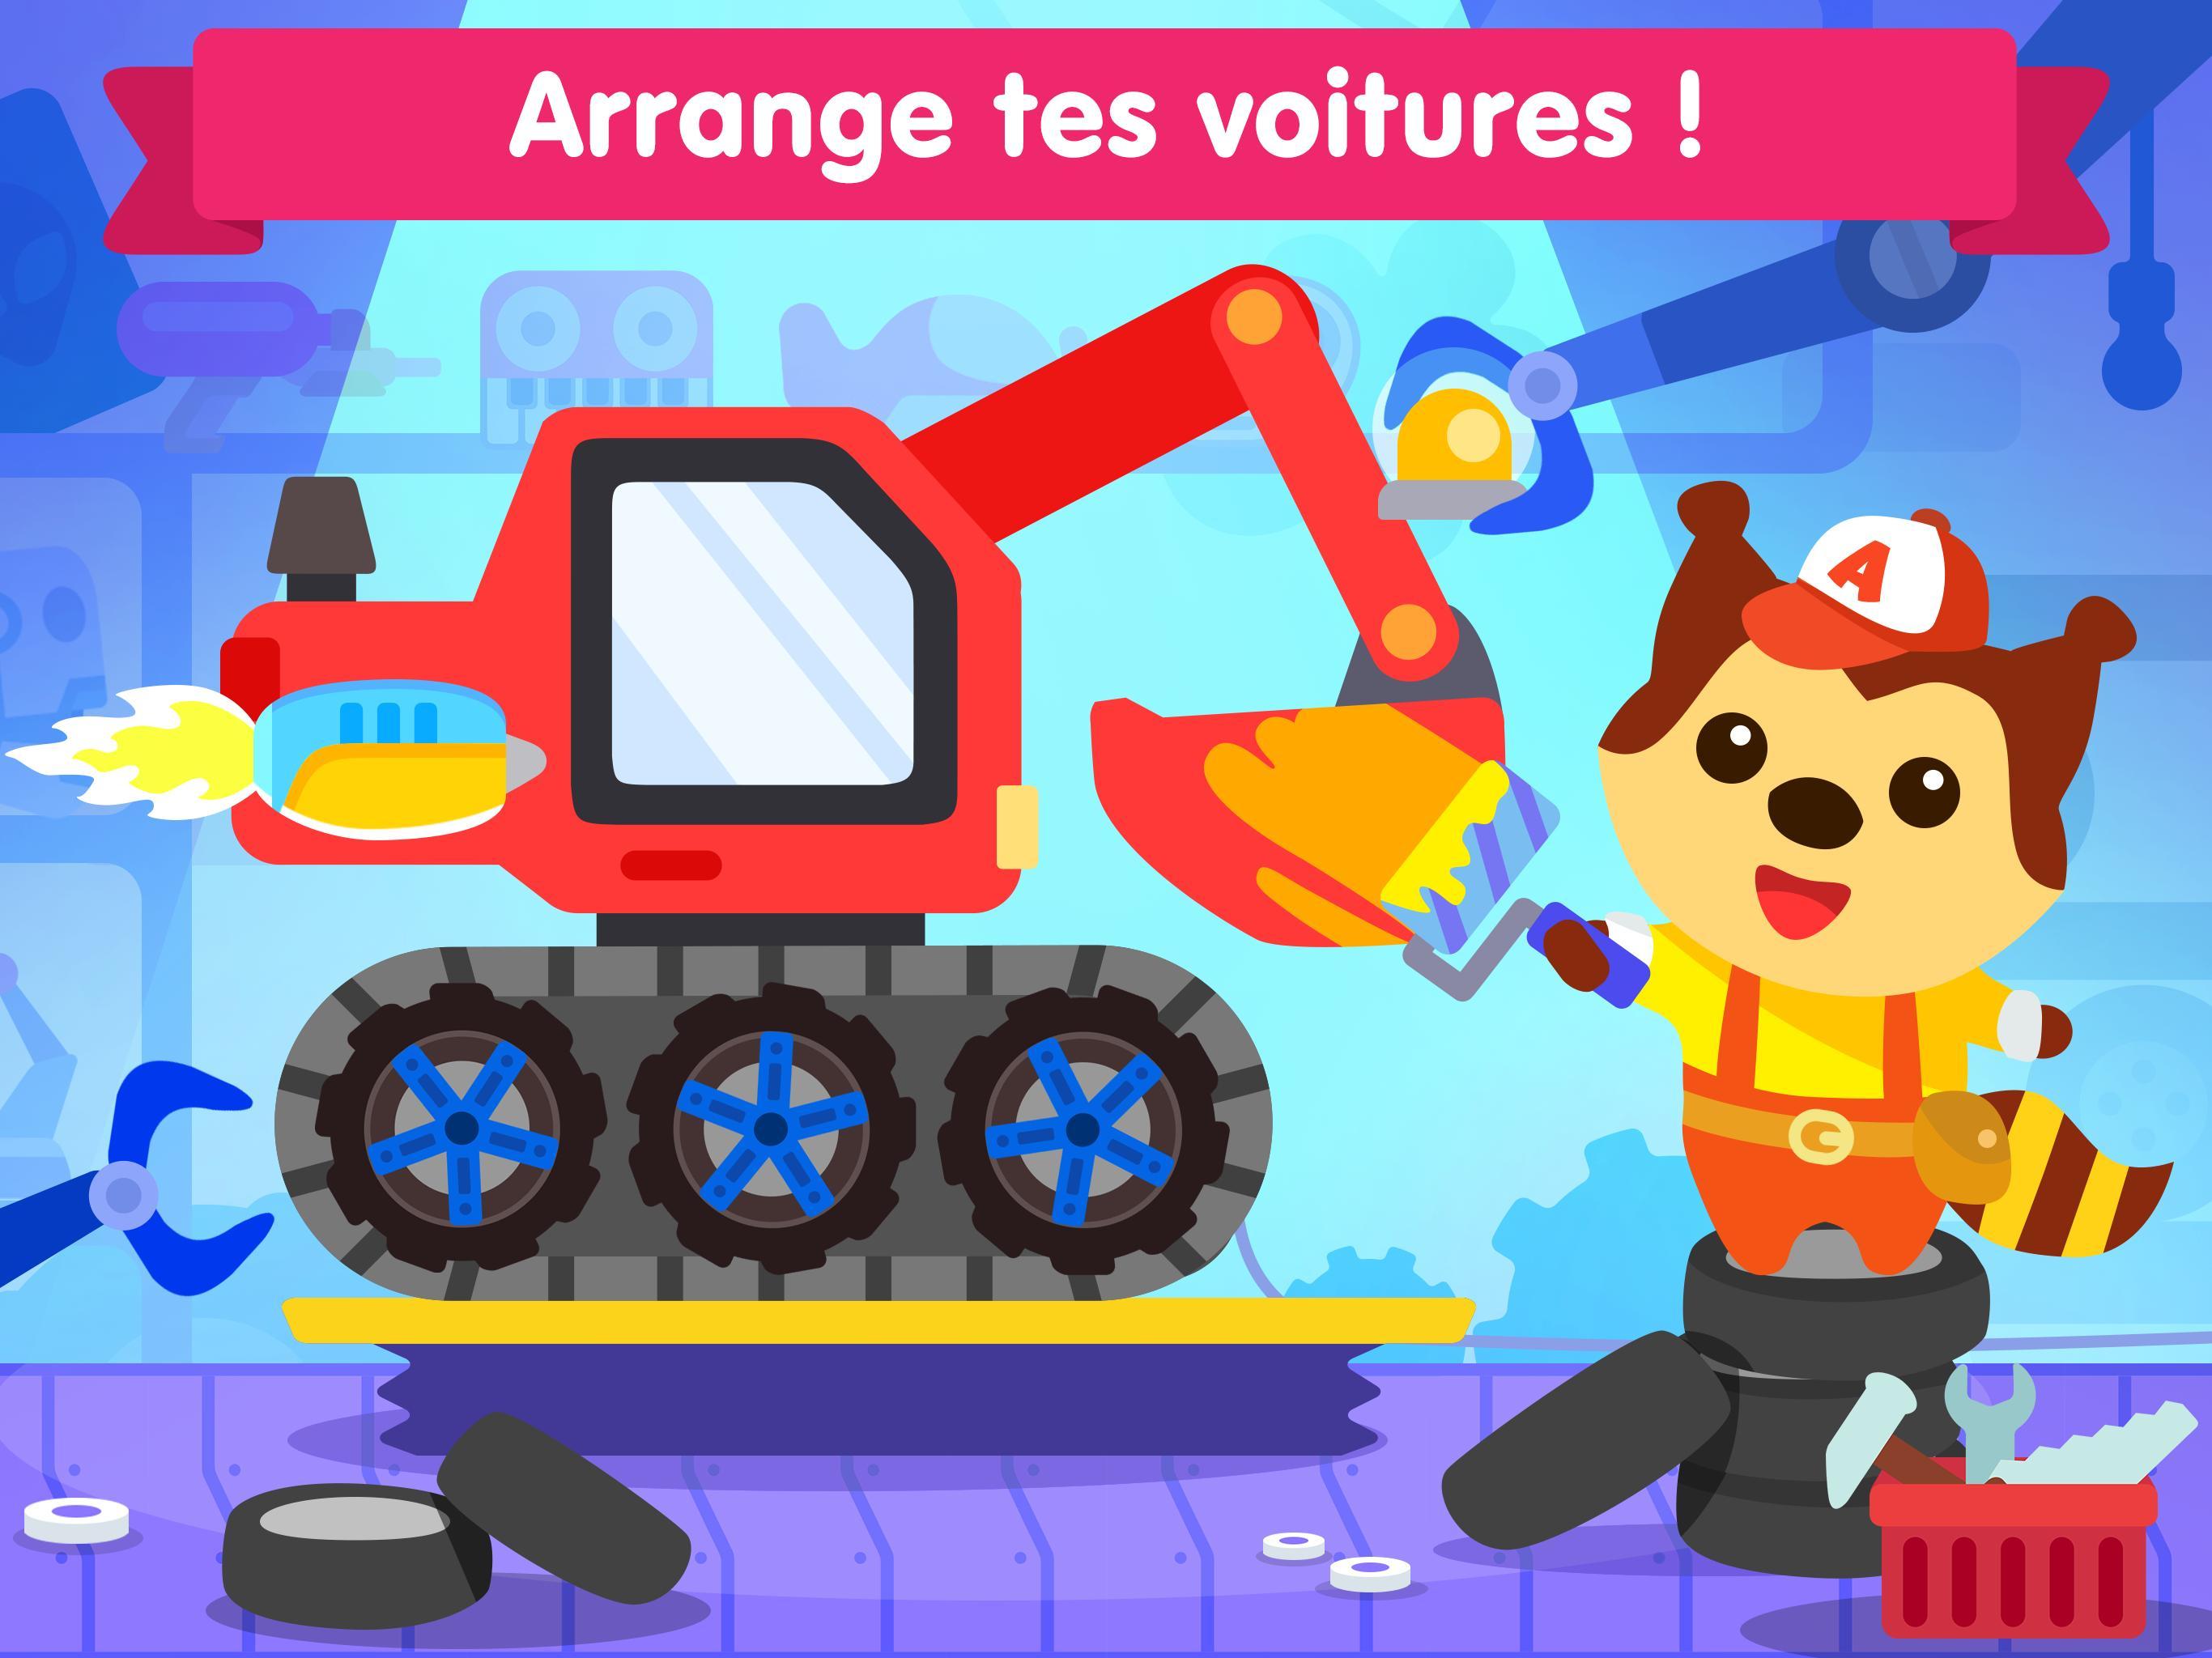 Jeu De Voiture Pour Les Bébés Et Enfants 3 Ans Pour Android intérieur Jeux Gratuits Pour Enfants De 3 Ans